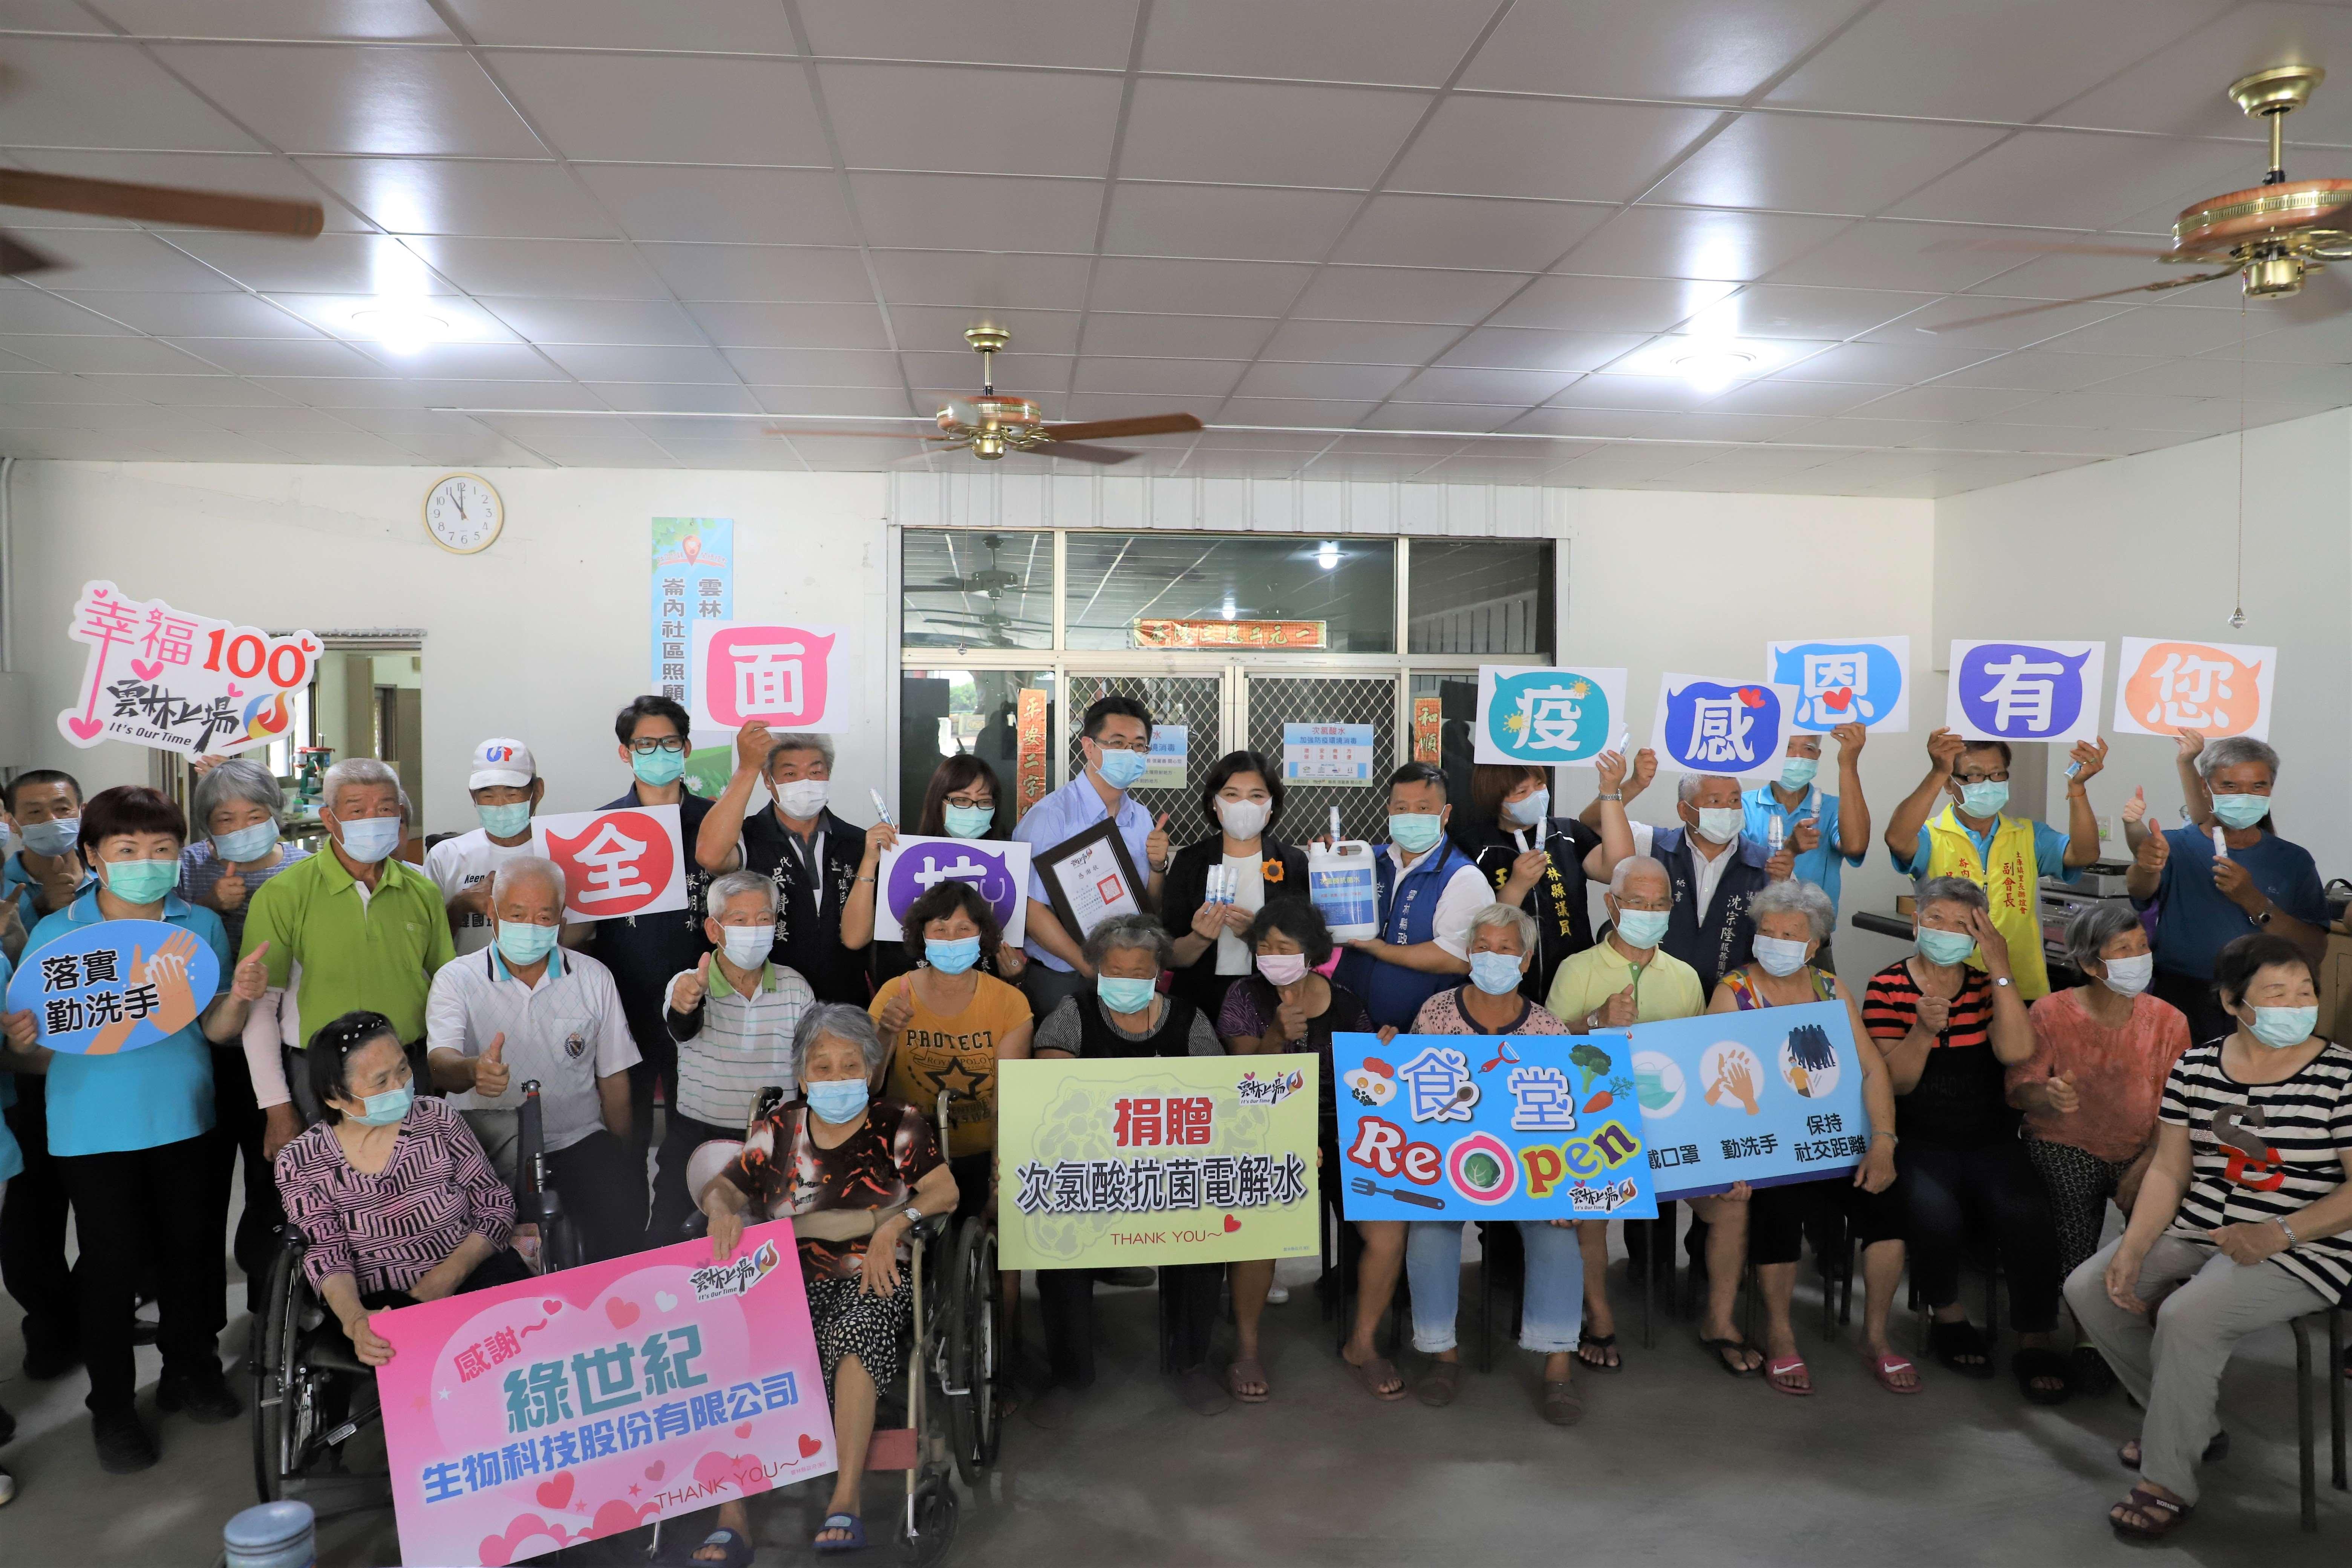 近日疫情趨緩,張縣長宣布縣內長青食堂5月18日起有條件恢復共餐。